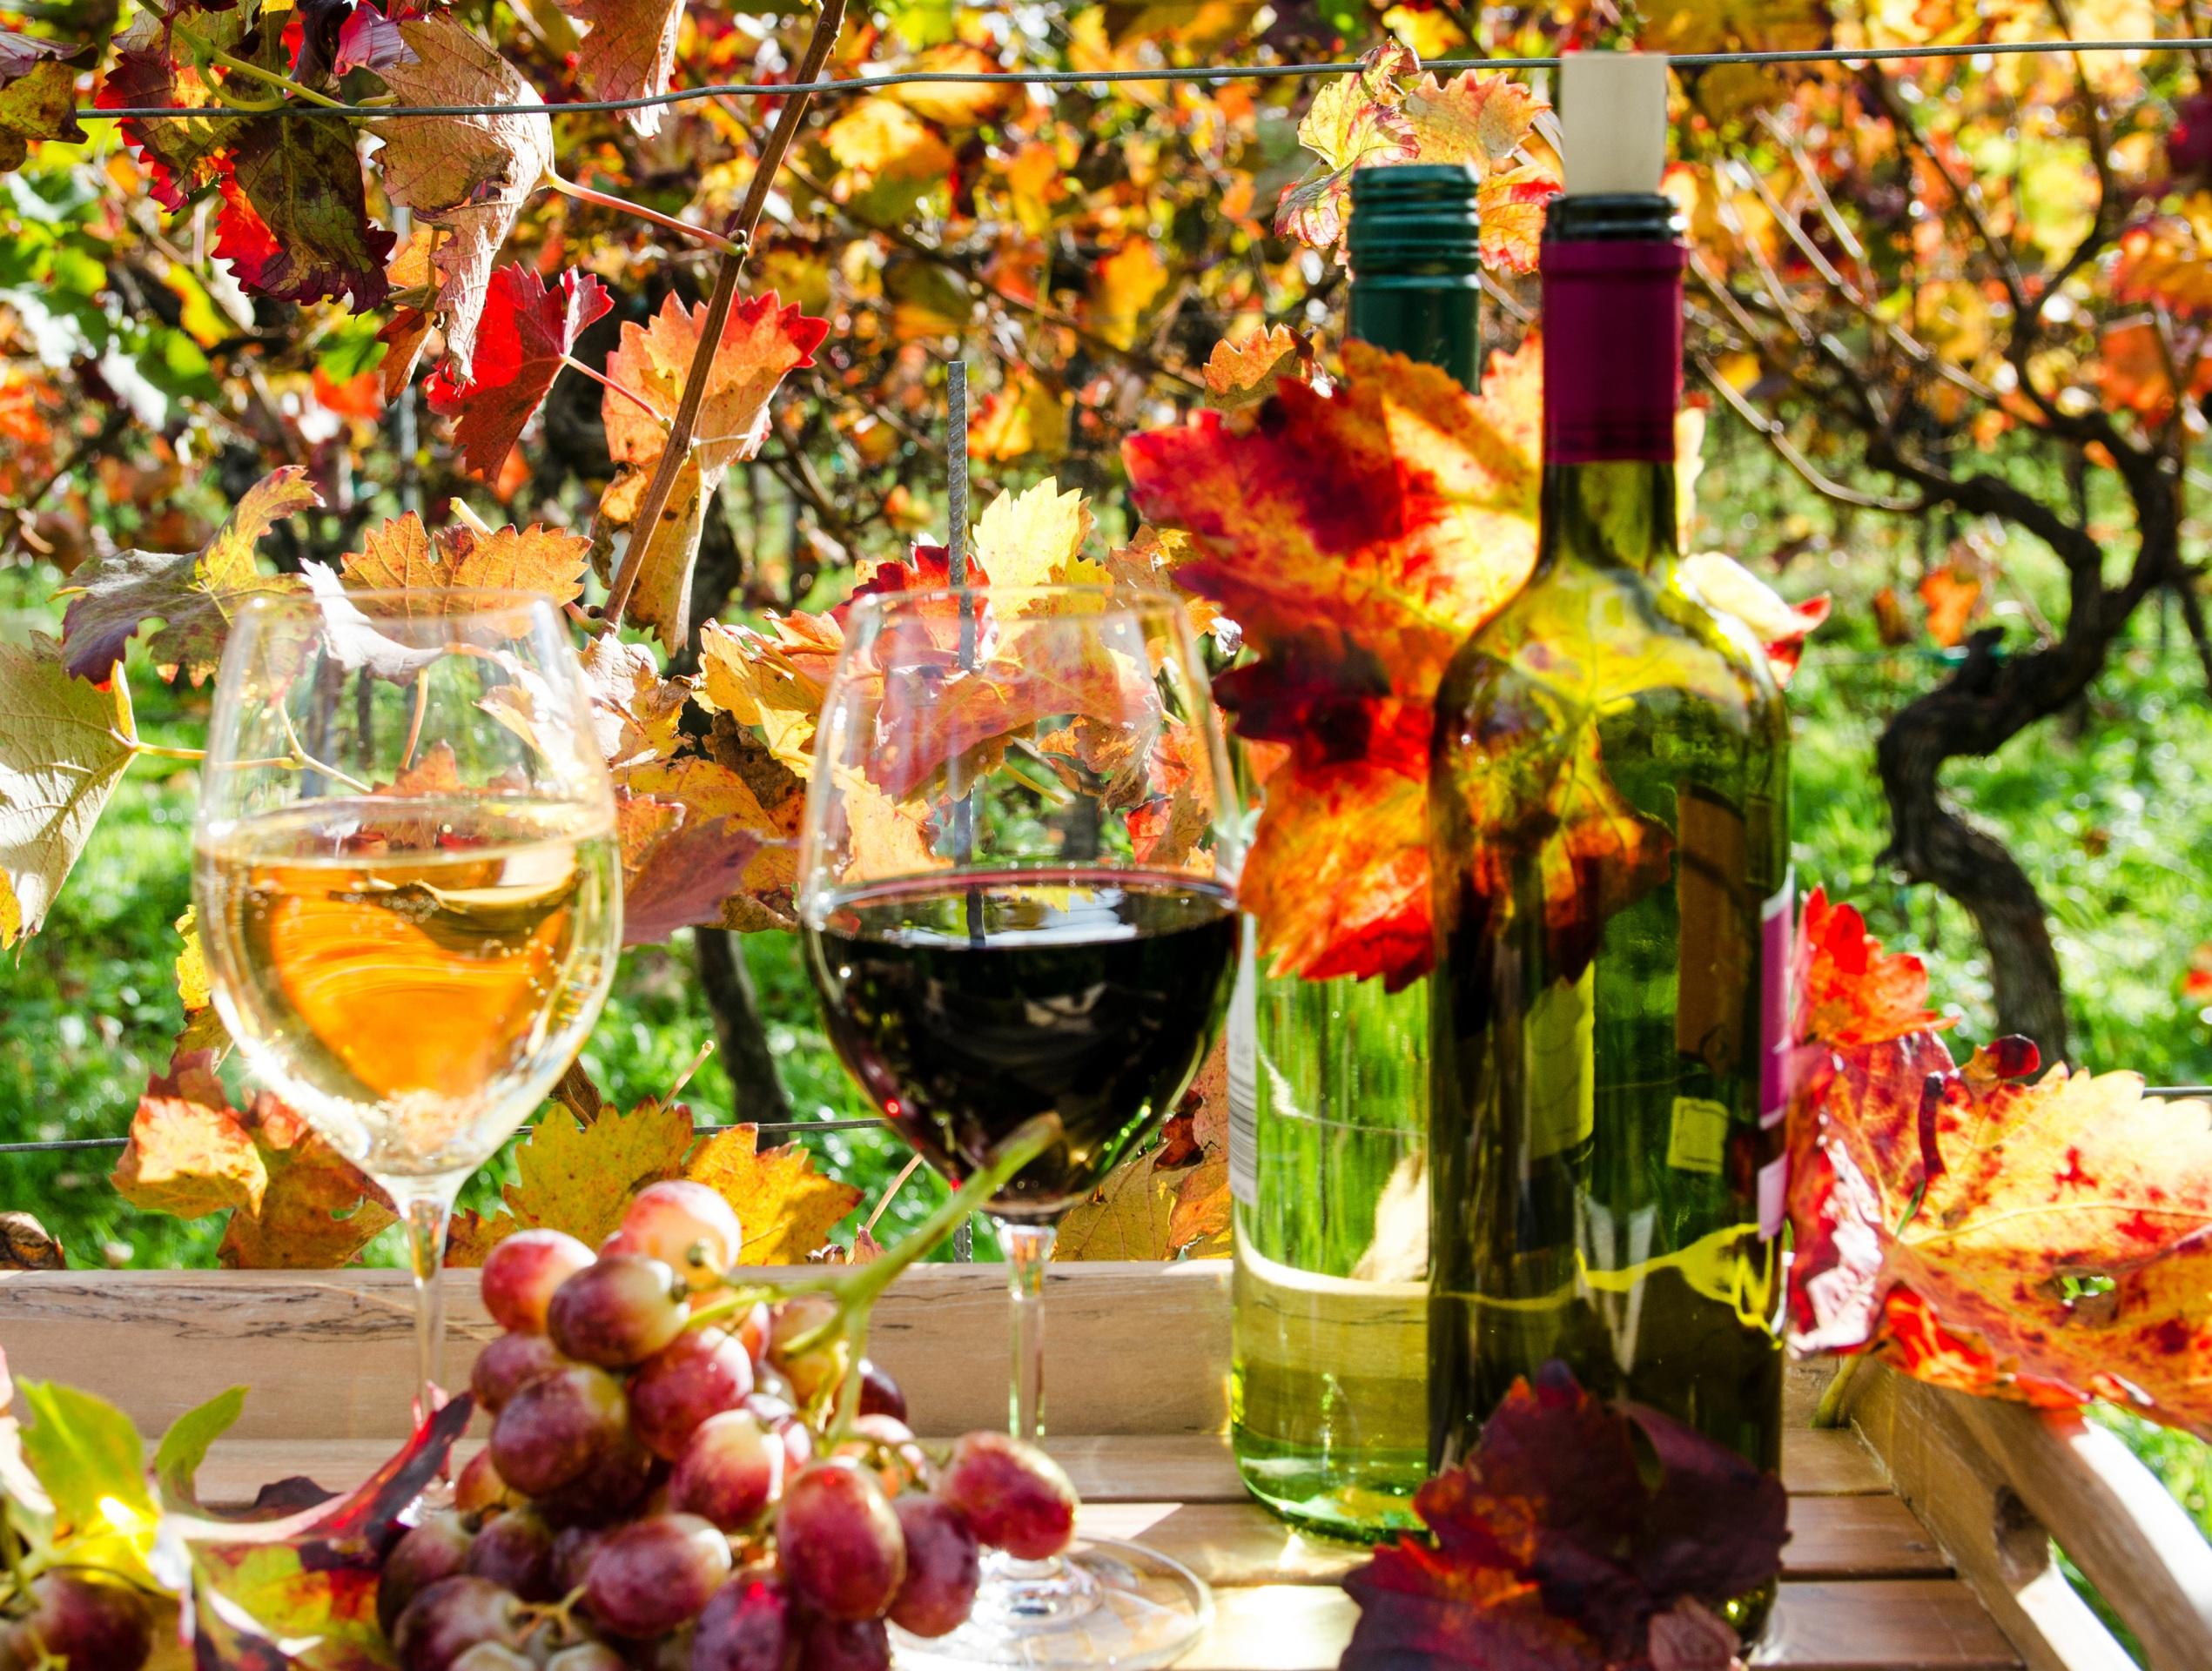 Обои для рабочего стола Листья Вино Осень Виноград Бокалы Бутылка Продукты питания 2541x1920 лист Листва осенние Еда Пища бокал бутылки